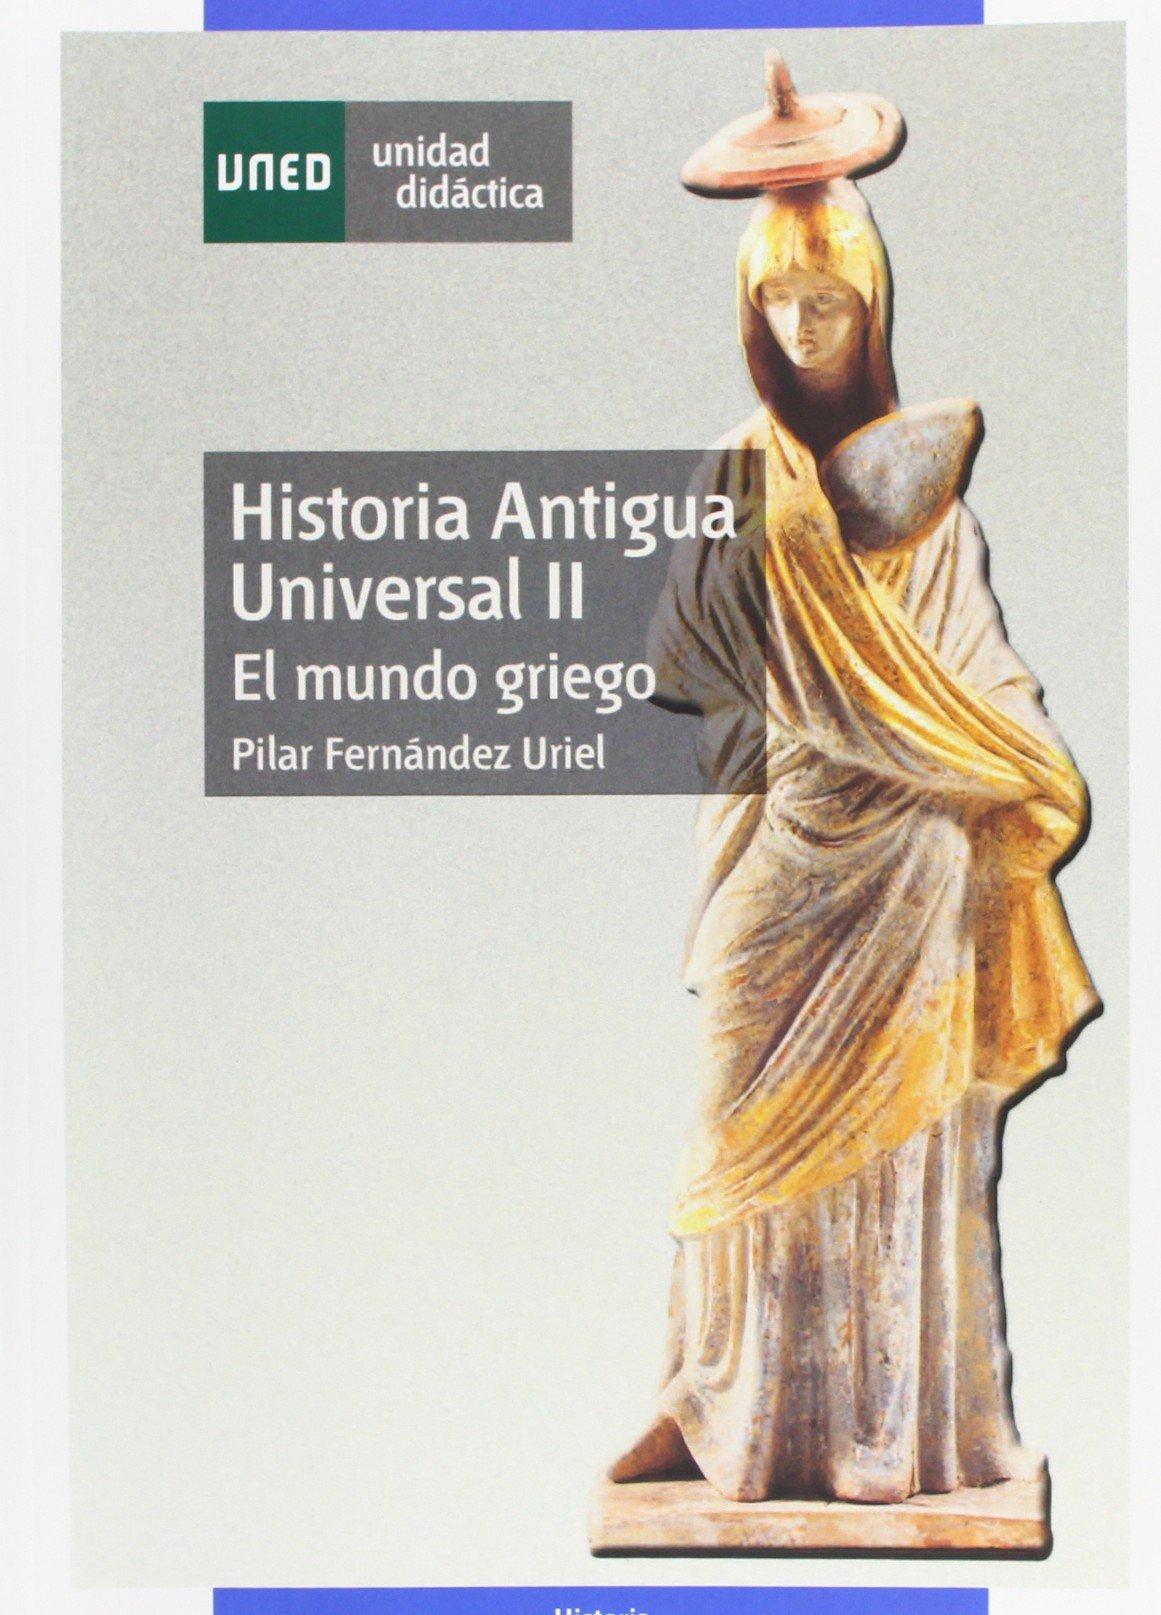 Historia antigua universal II. el mundo griego UNIDAD DIDÁCTICA: Amazon.es: Fernández Uriel, Pilar: Libros